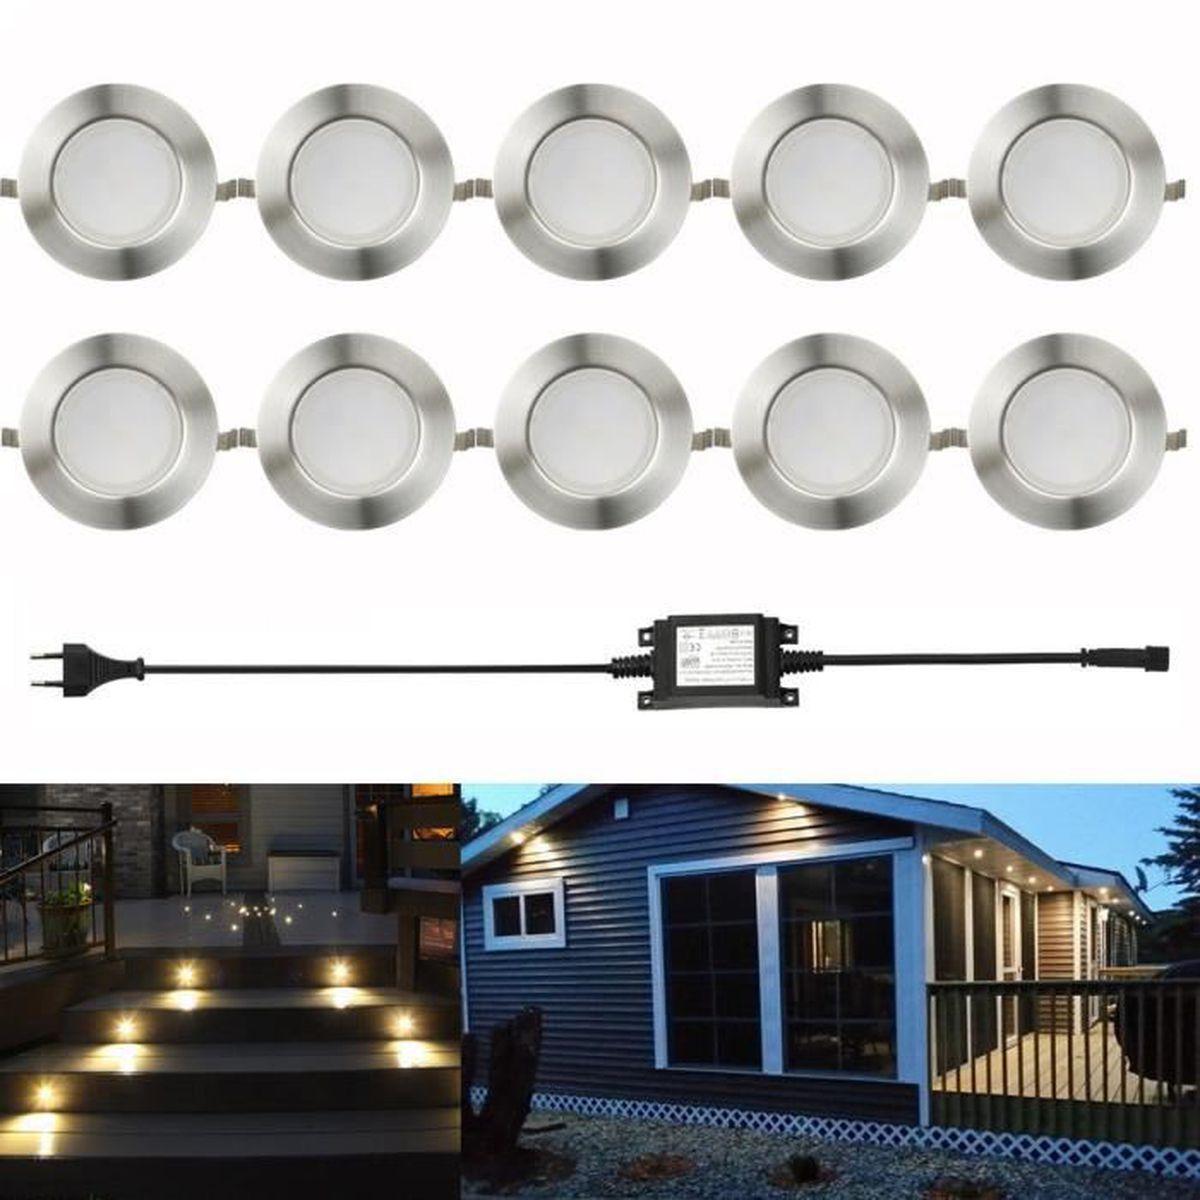 FVTLED 10x Spot LED 61mm Encastrable Eclairage pour Chemin Terrasse